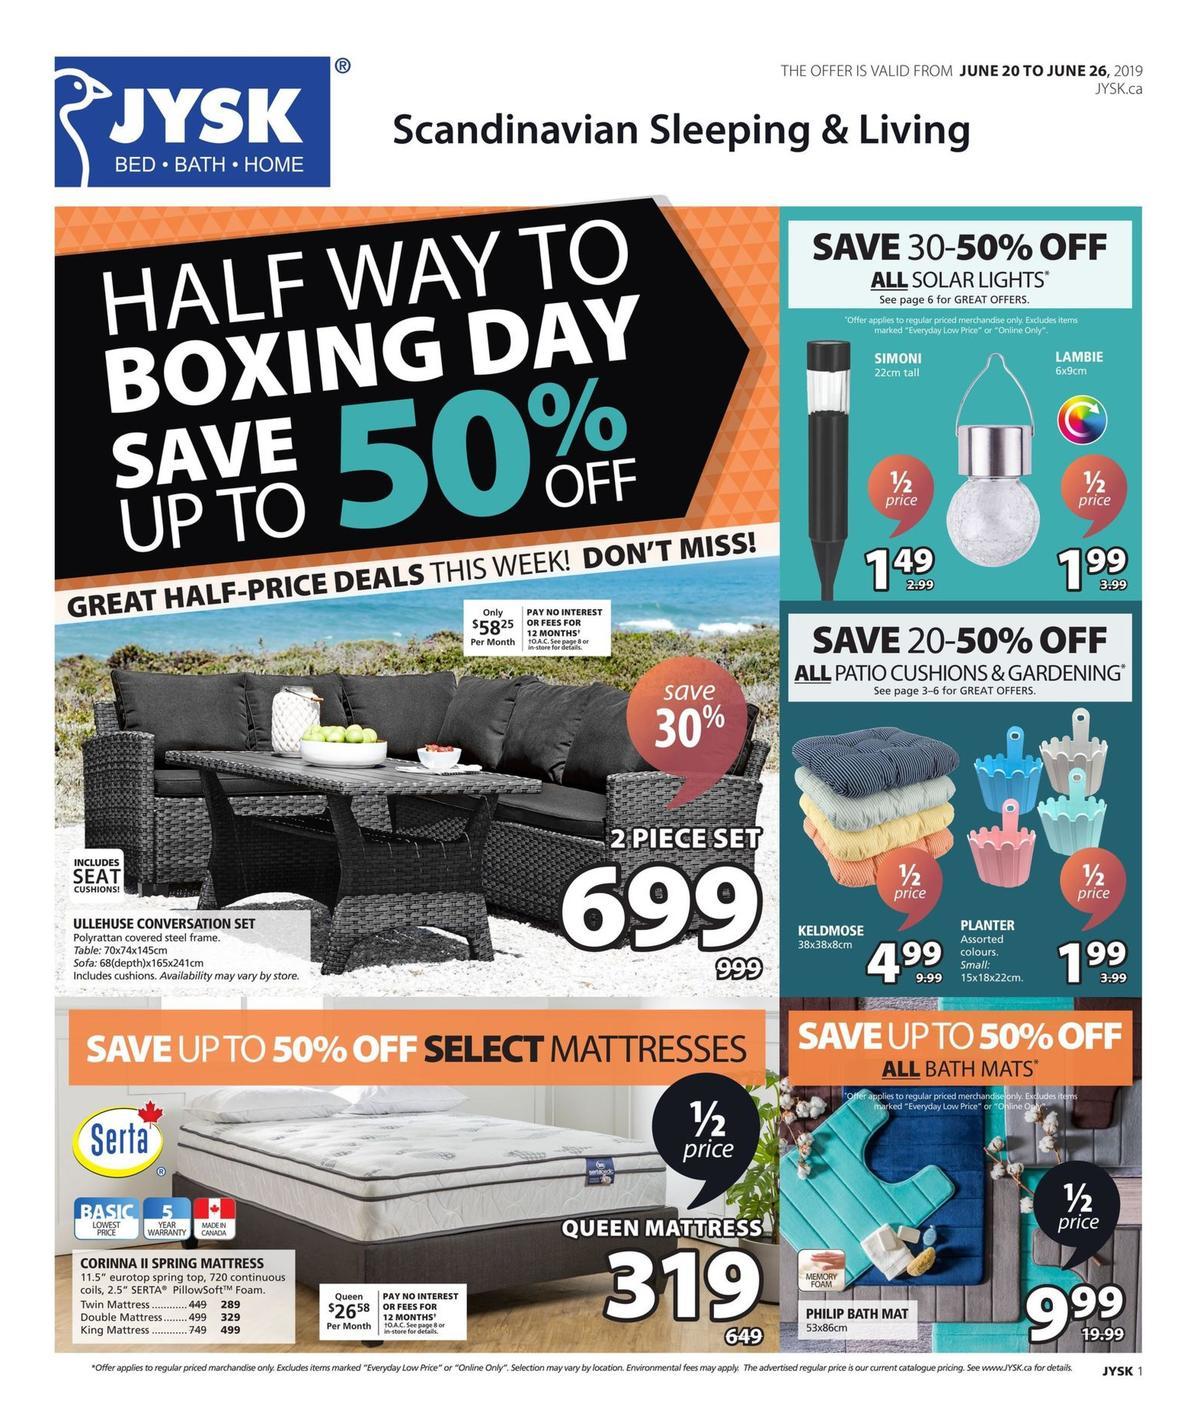 JYSK Flyer from June 20